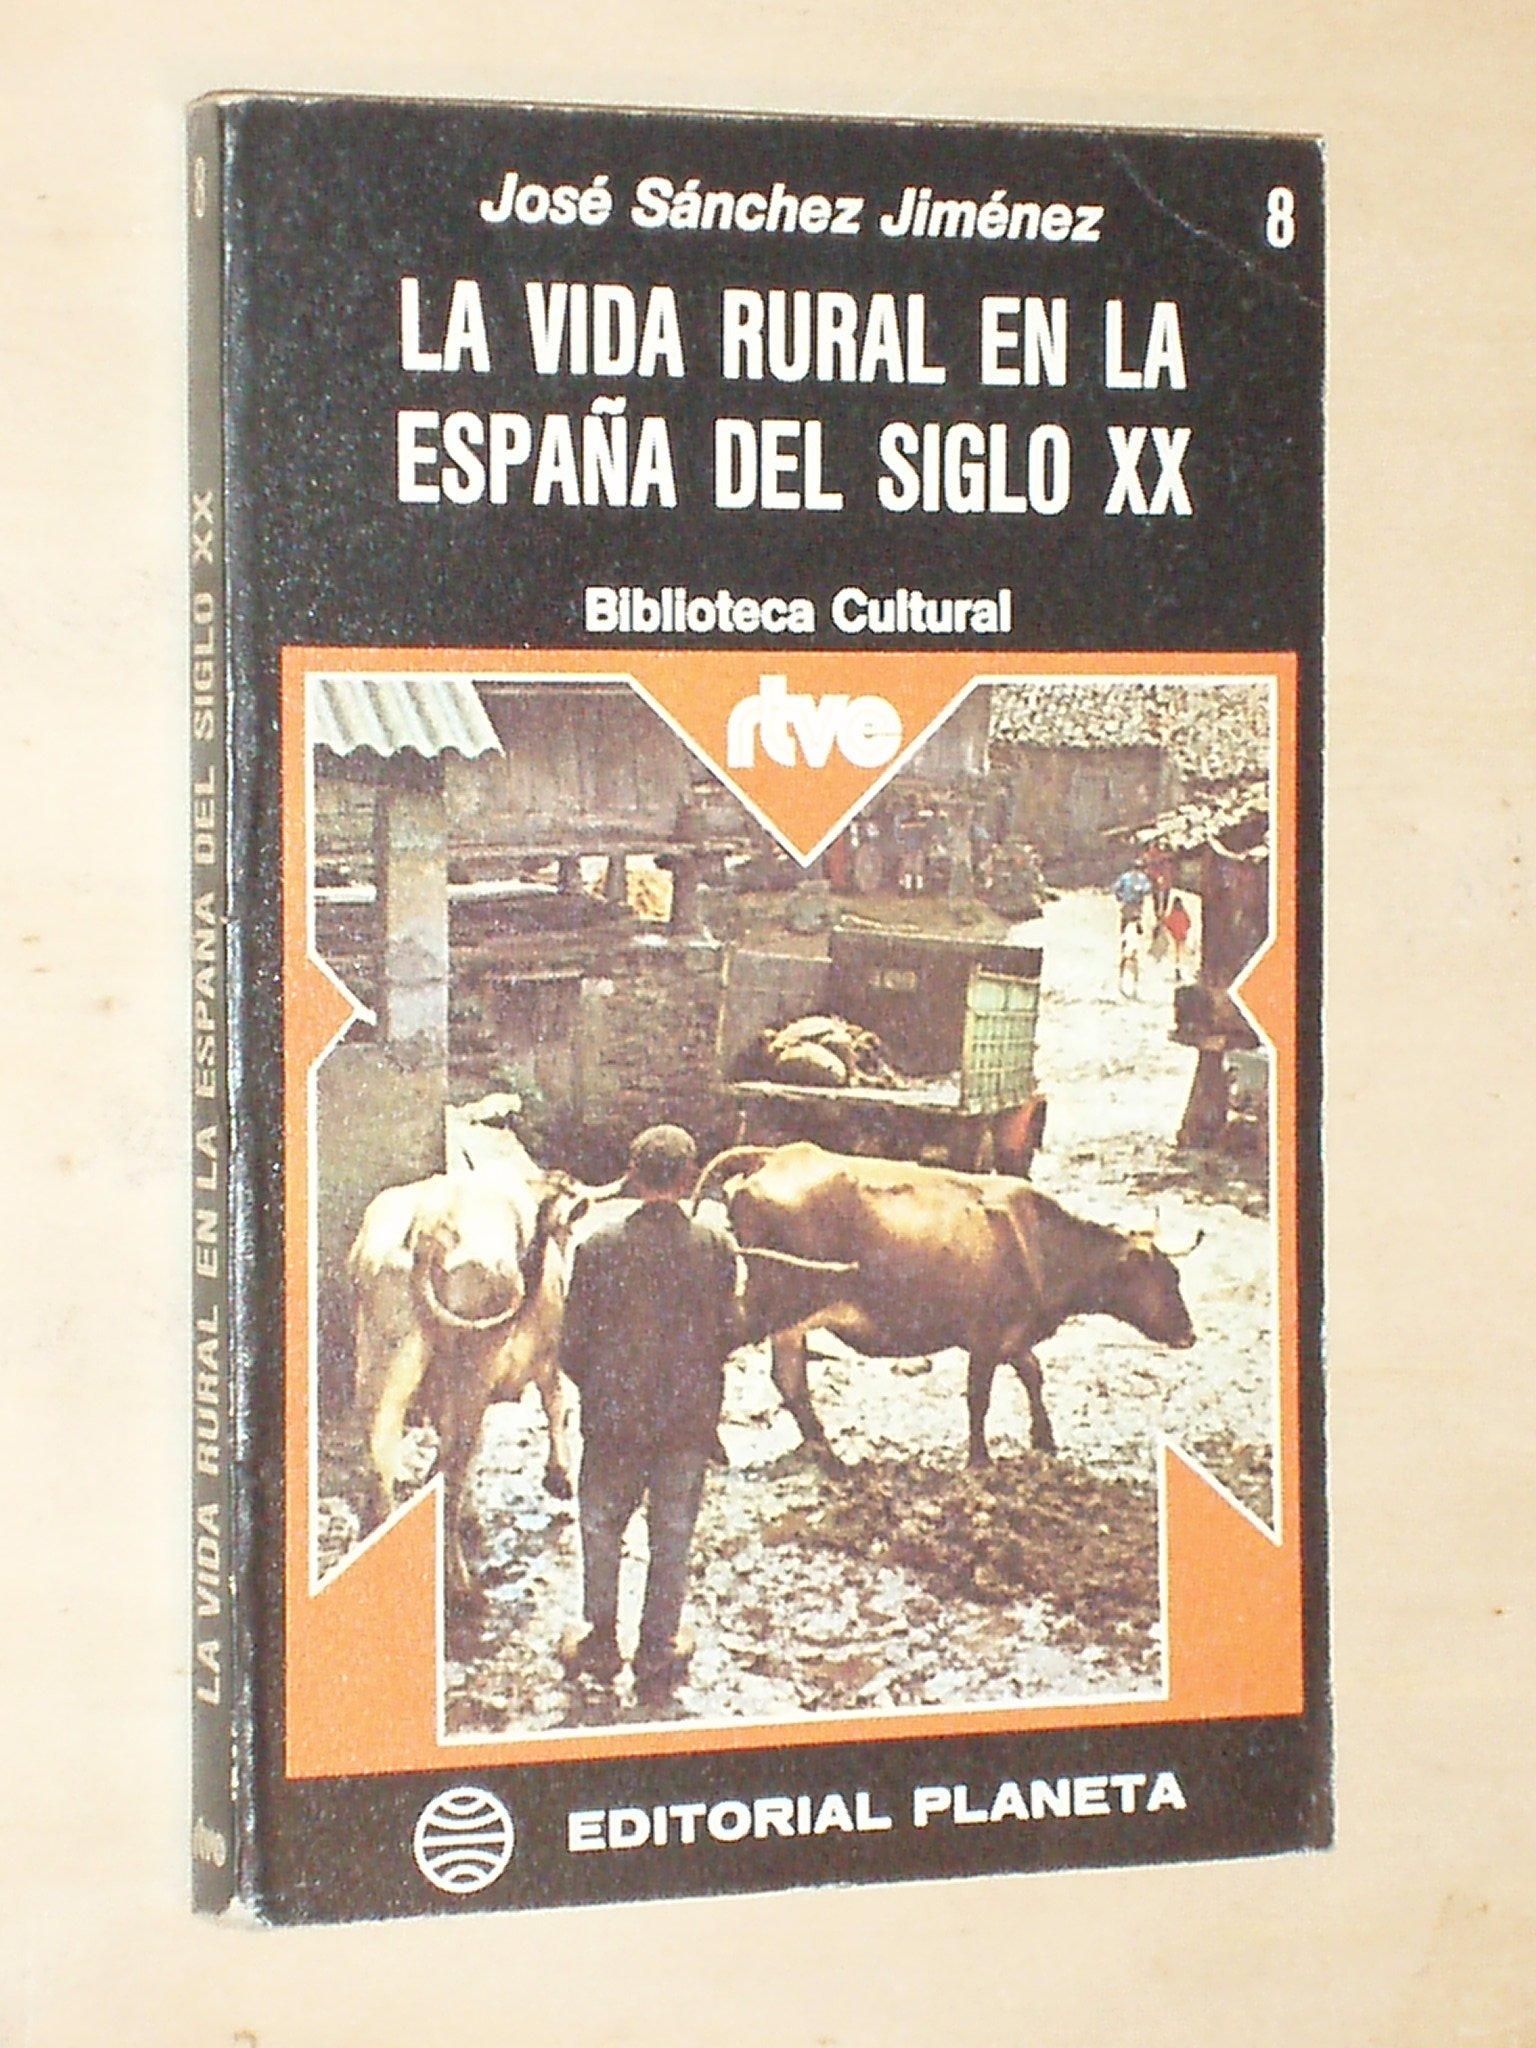 LA VIDA RURAL EN LA ESPAÑA DEL SIGLO XX: Amazon.es: José Sánchez ...